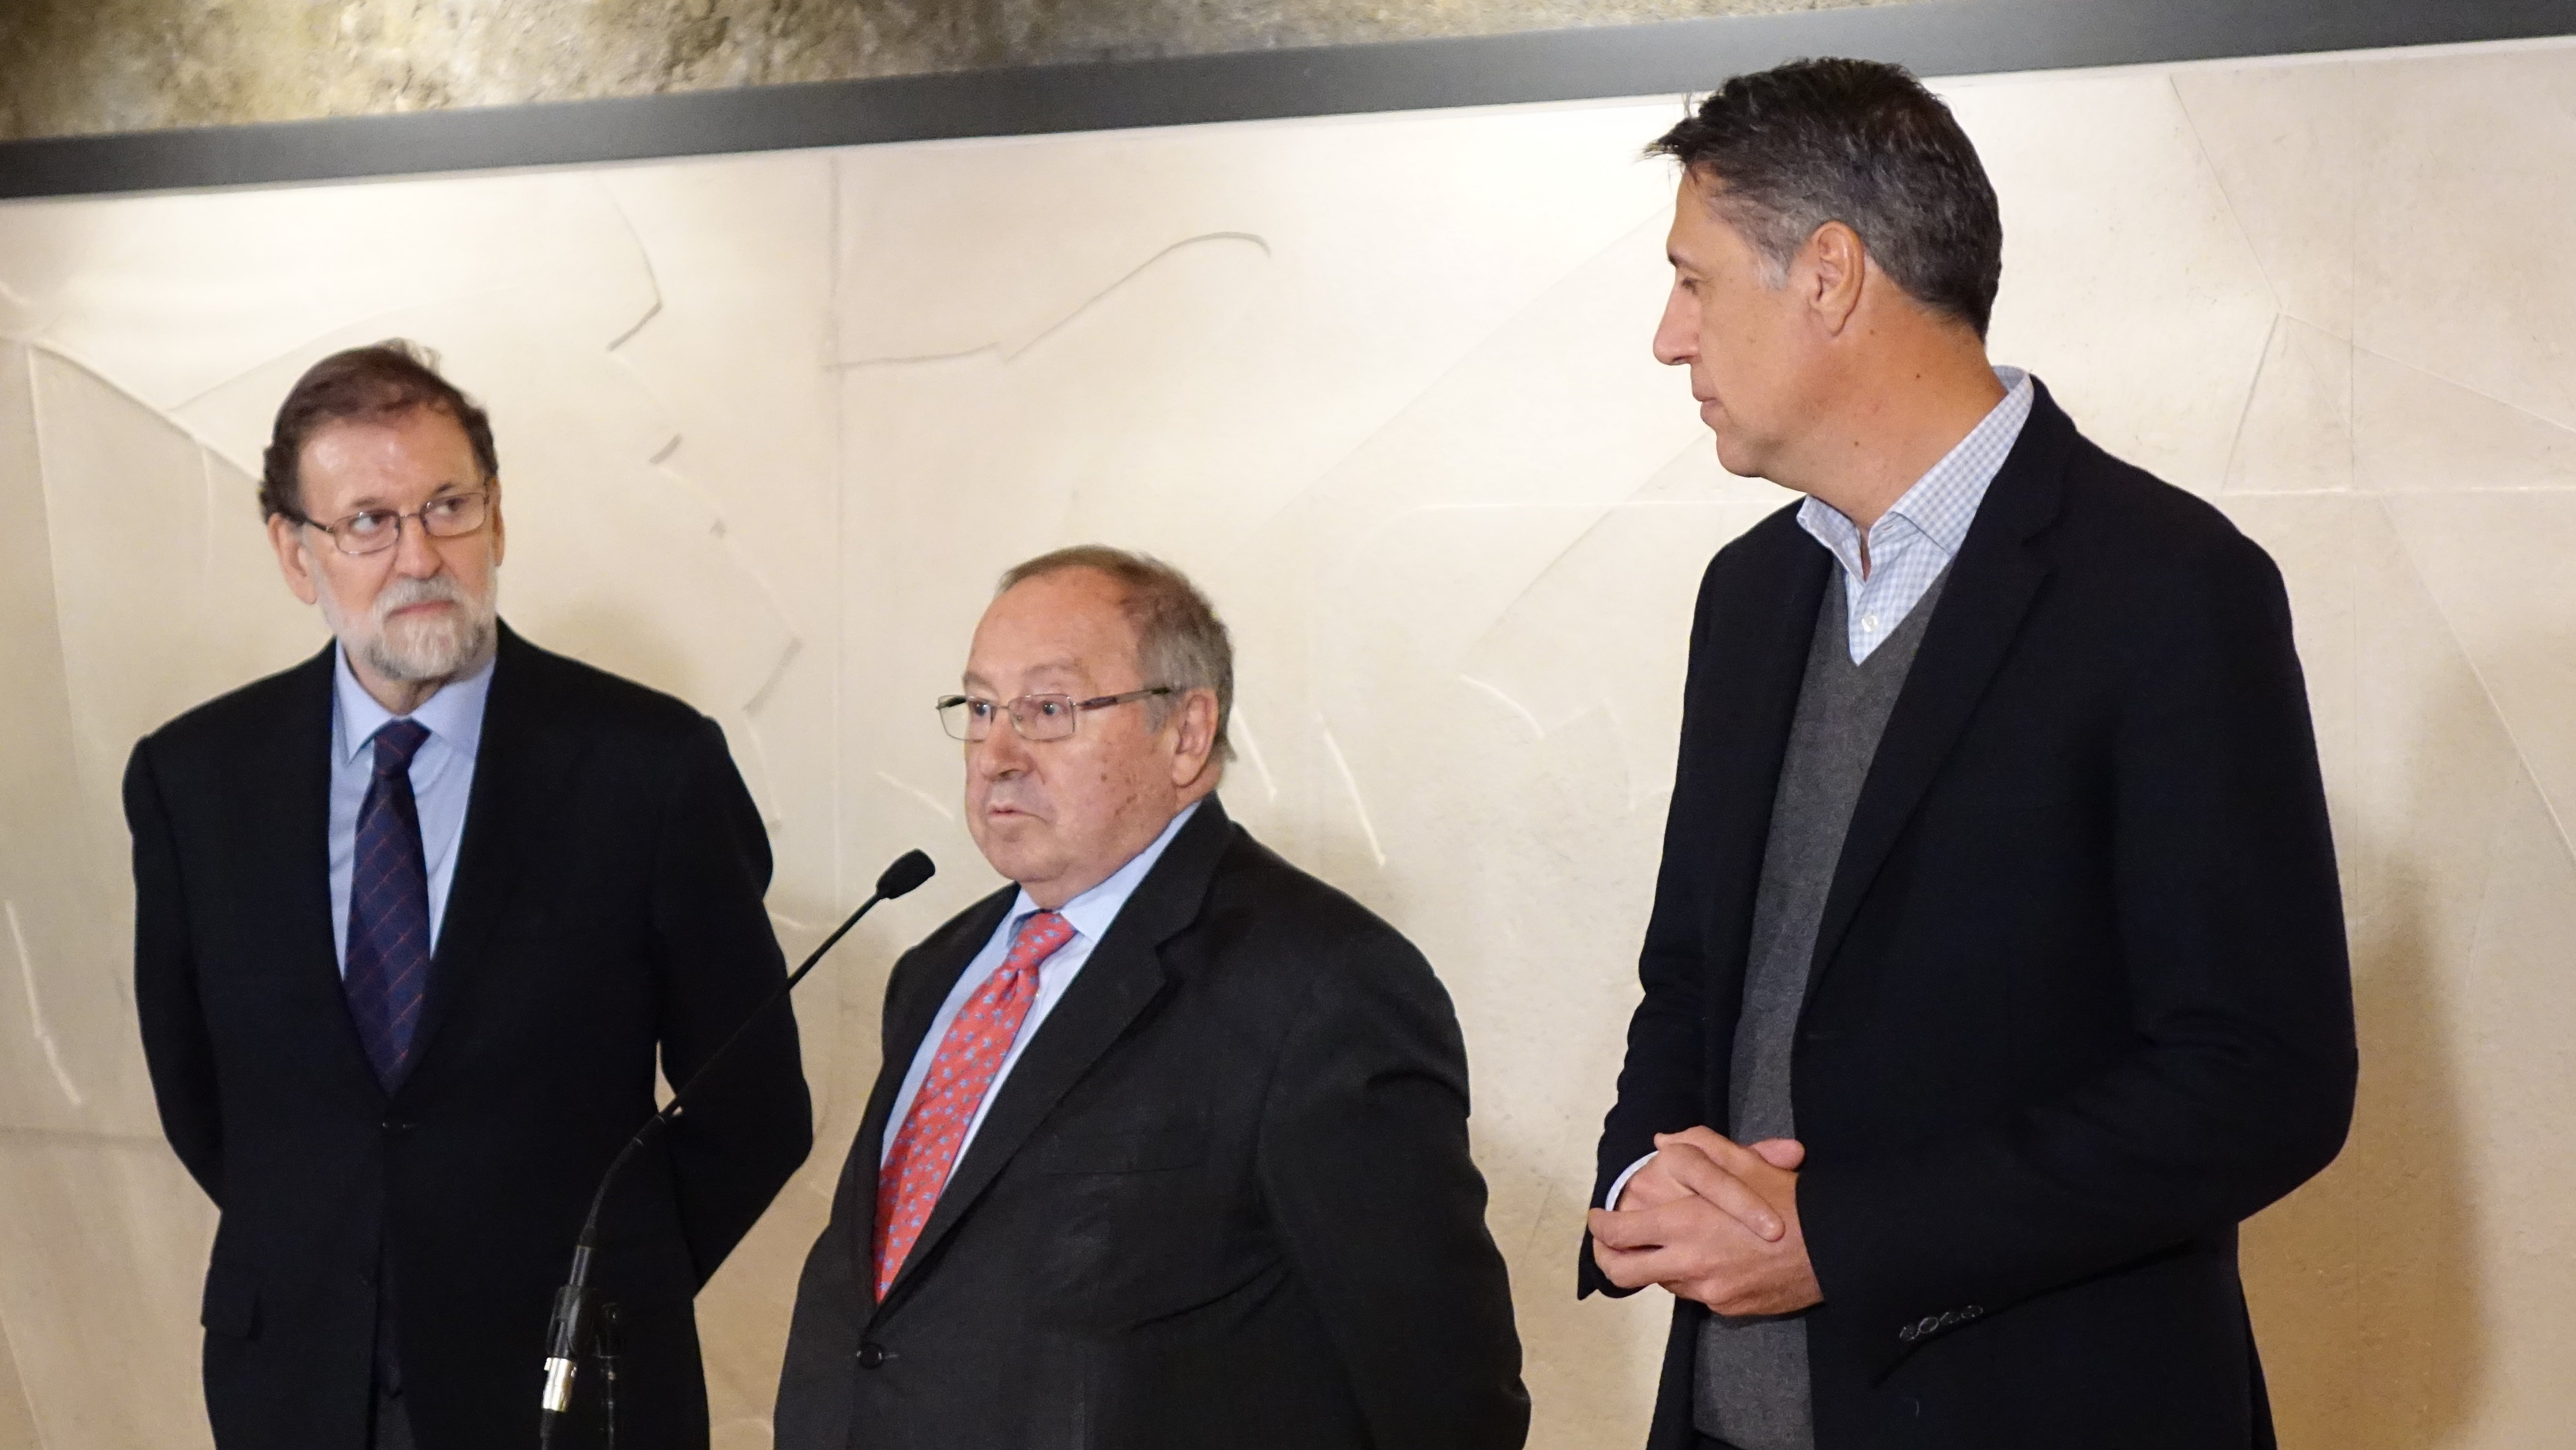 Rajoy freixenet albiol iu-tuber iu forn - roberto lazaro